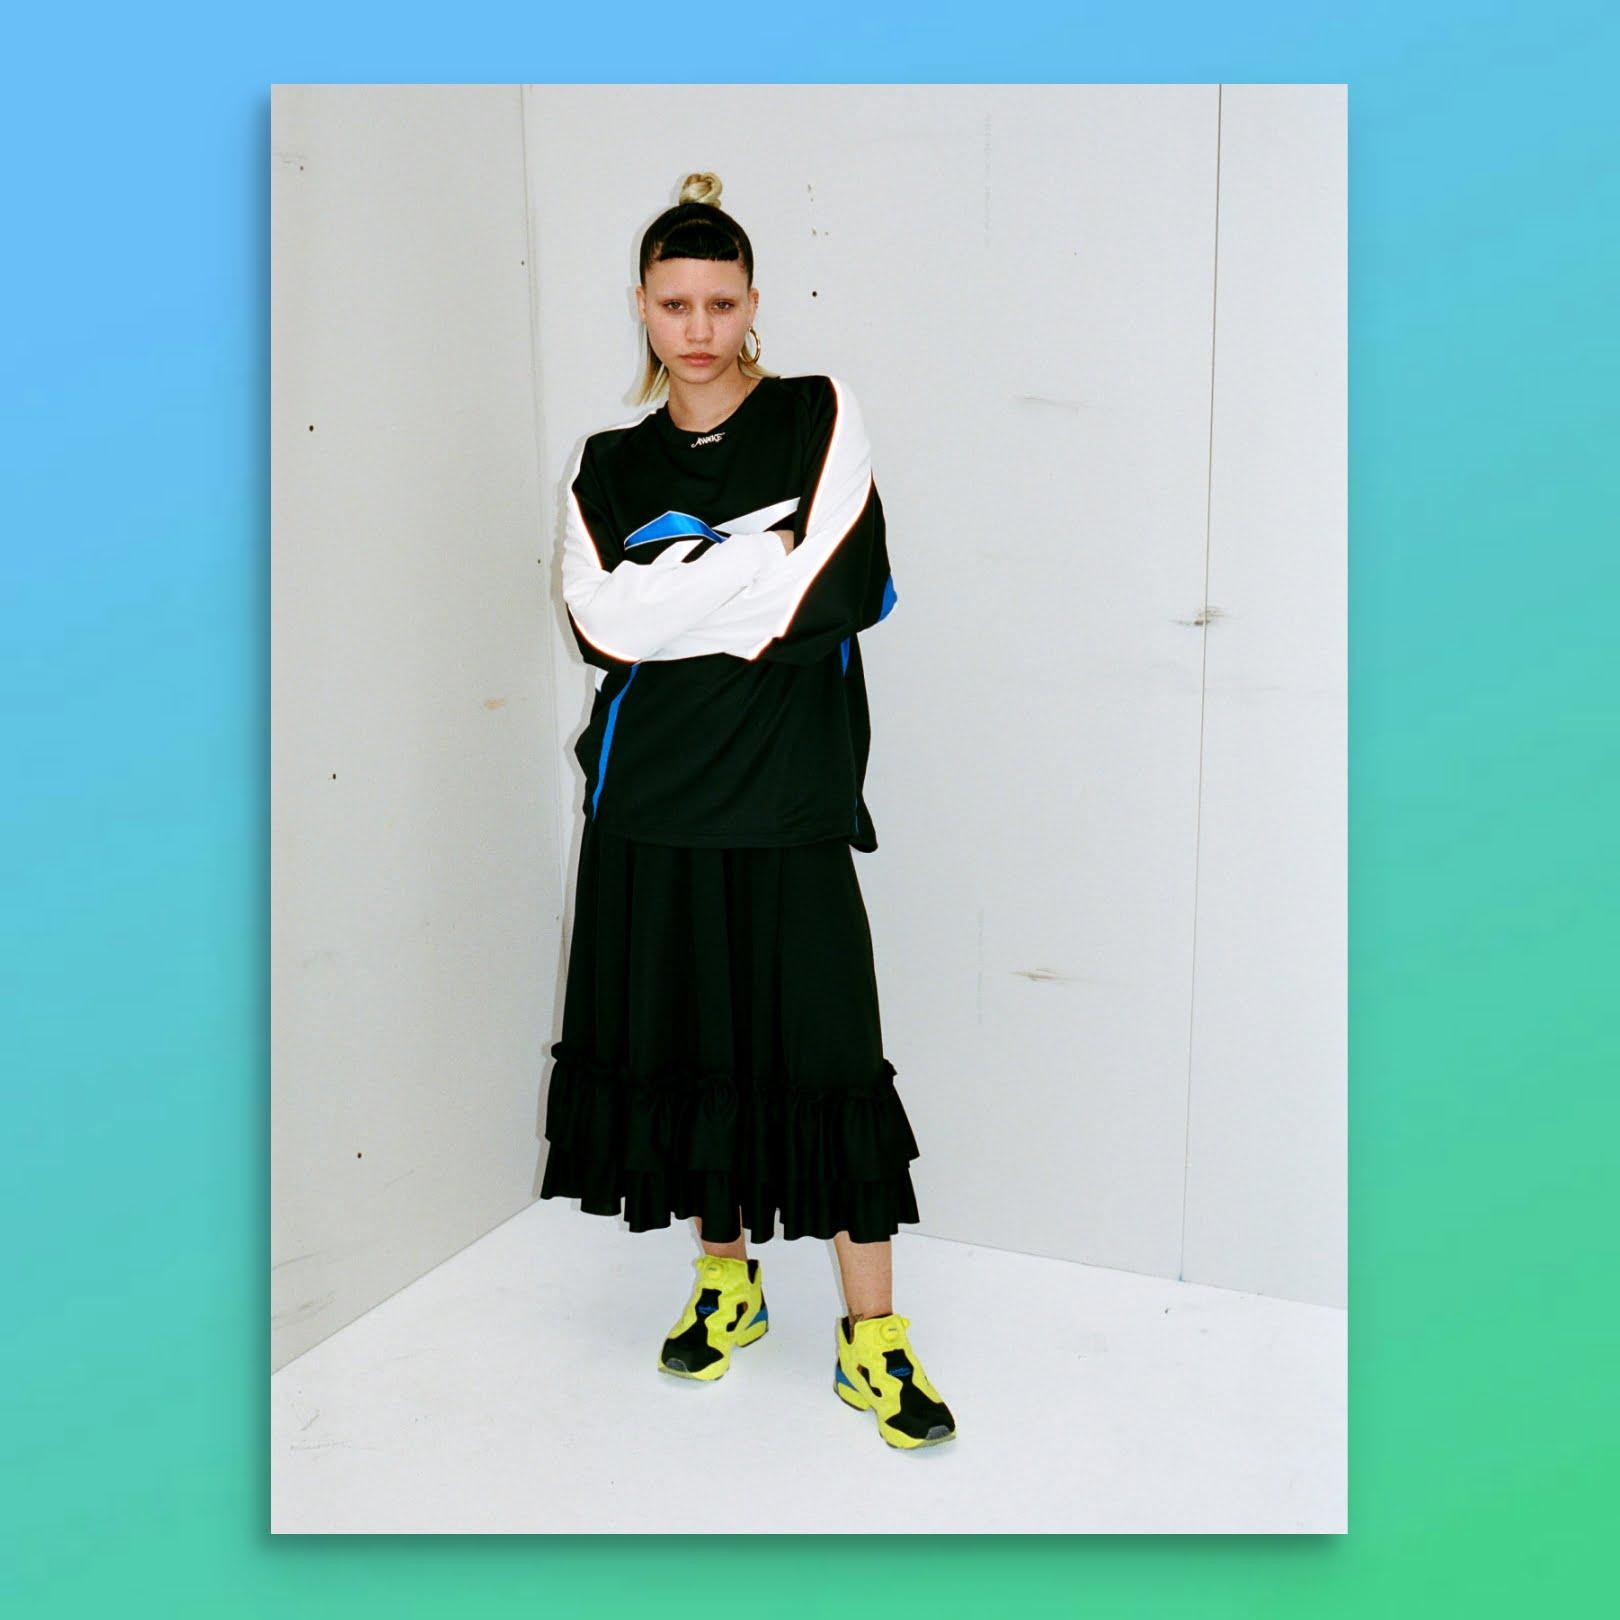 AWAKE NY CLOTHING, Reebok, 360 MAGAZINE